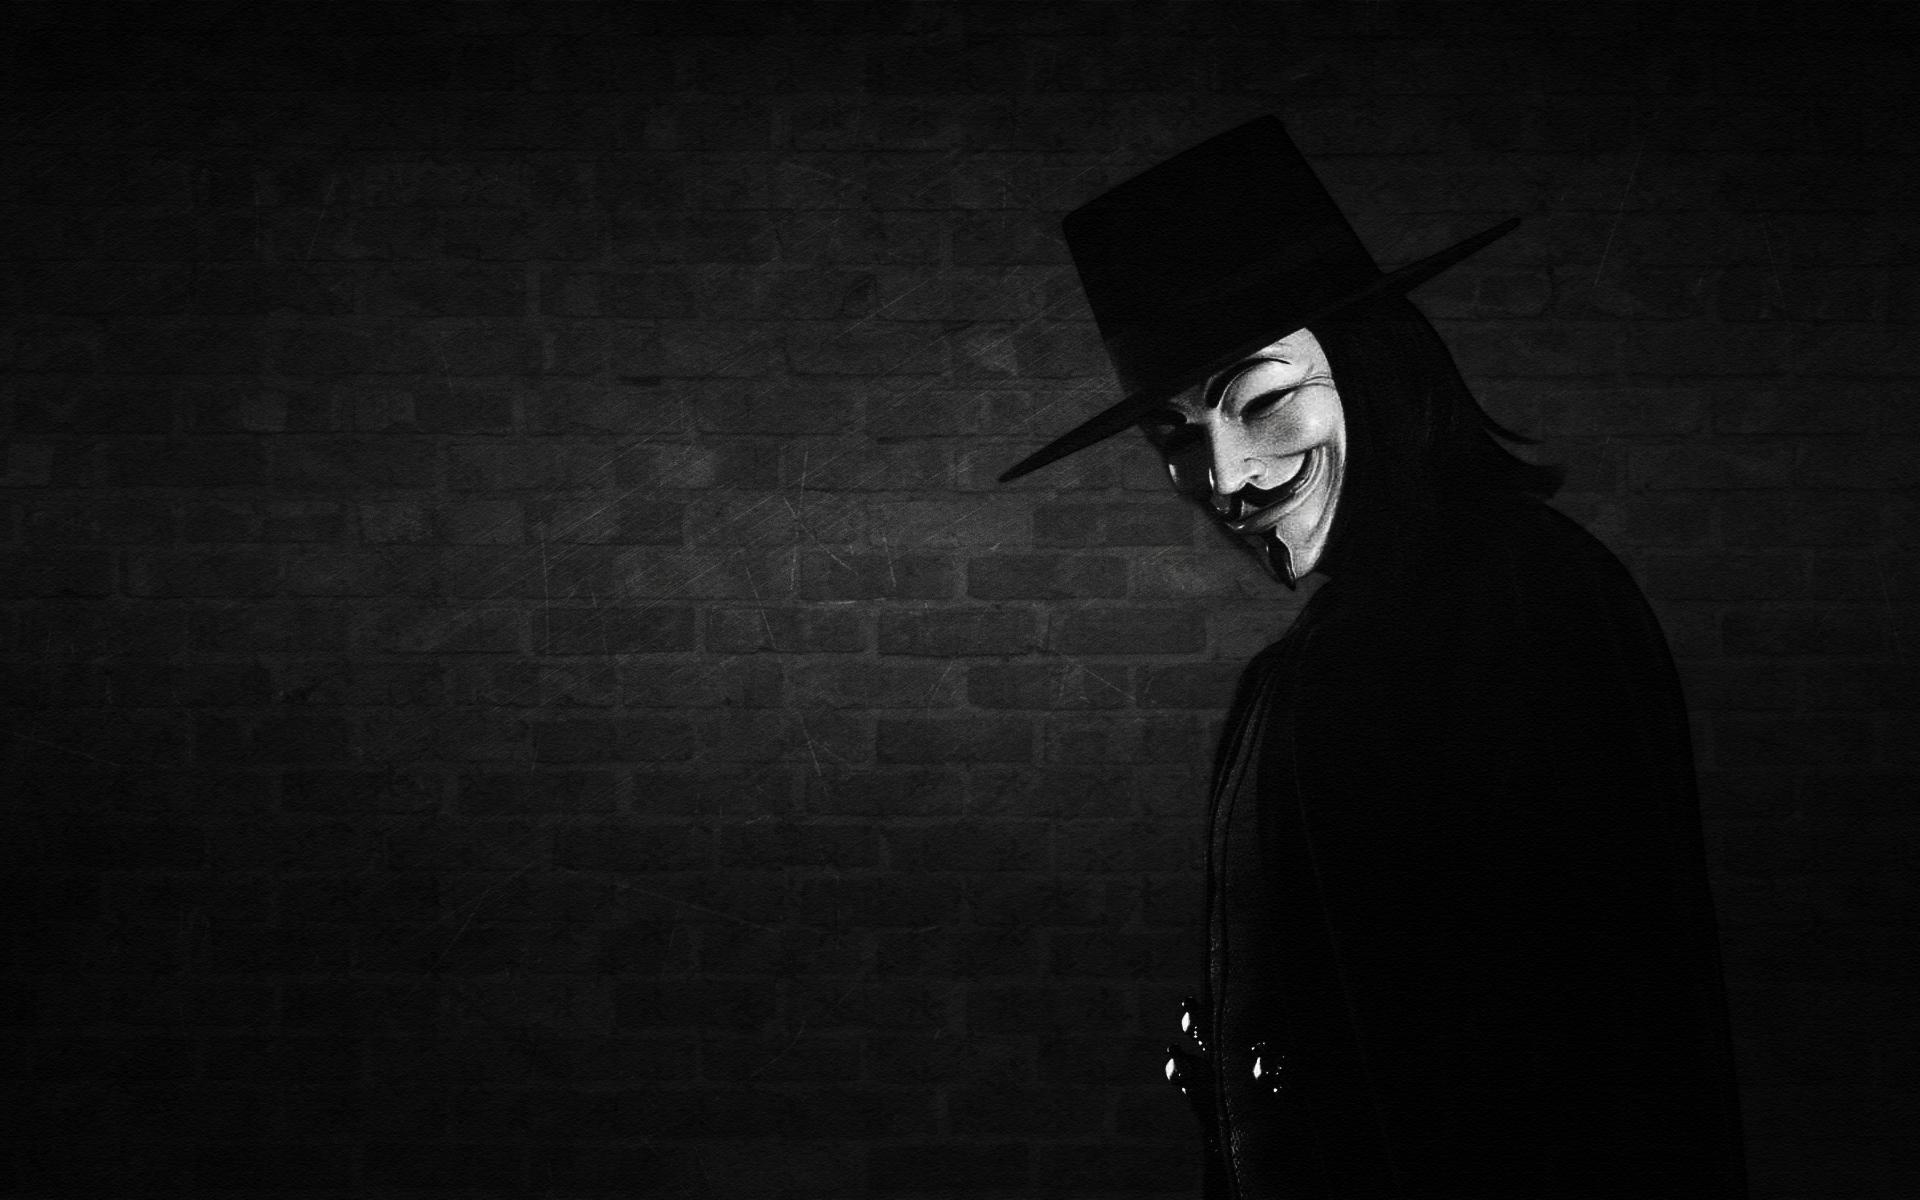 V For Vendetta Mask Wallpaper mask, V for vendetta w...